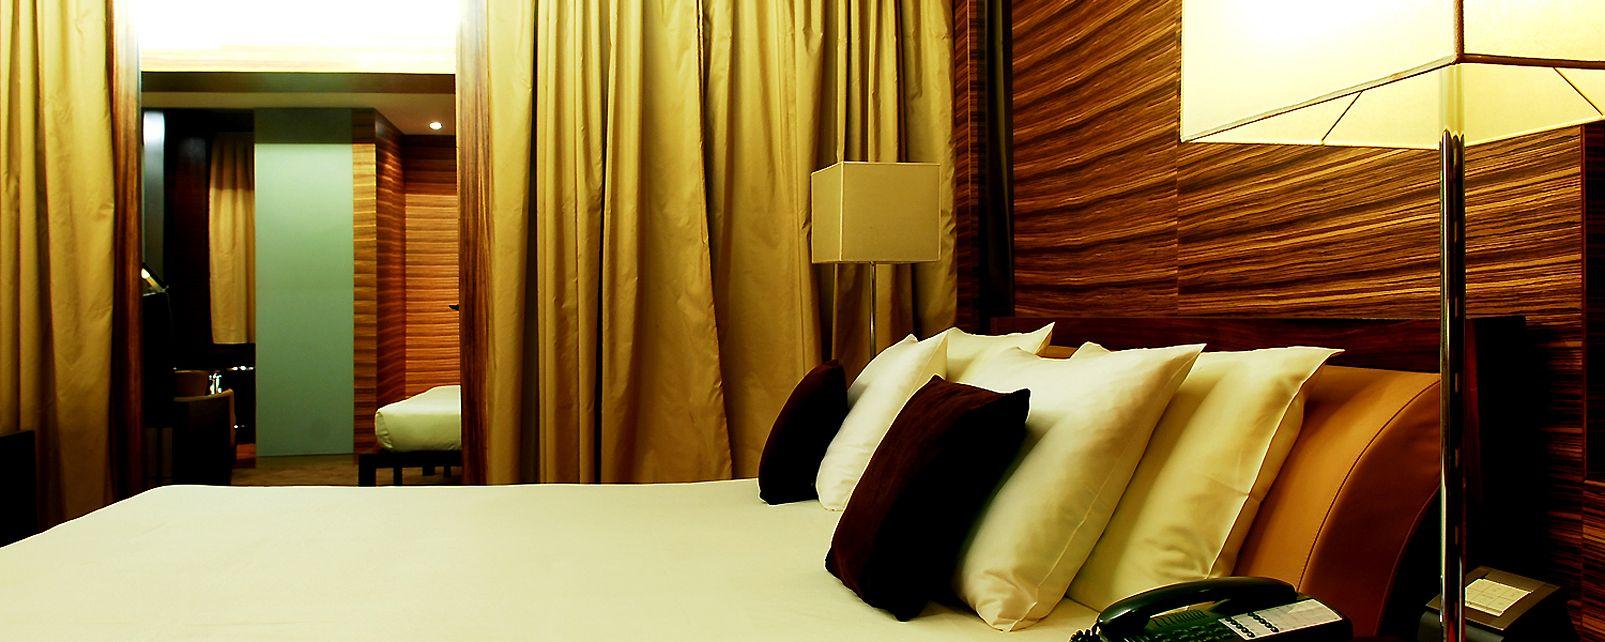 Hotel Boscolo Aleph Roma